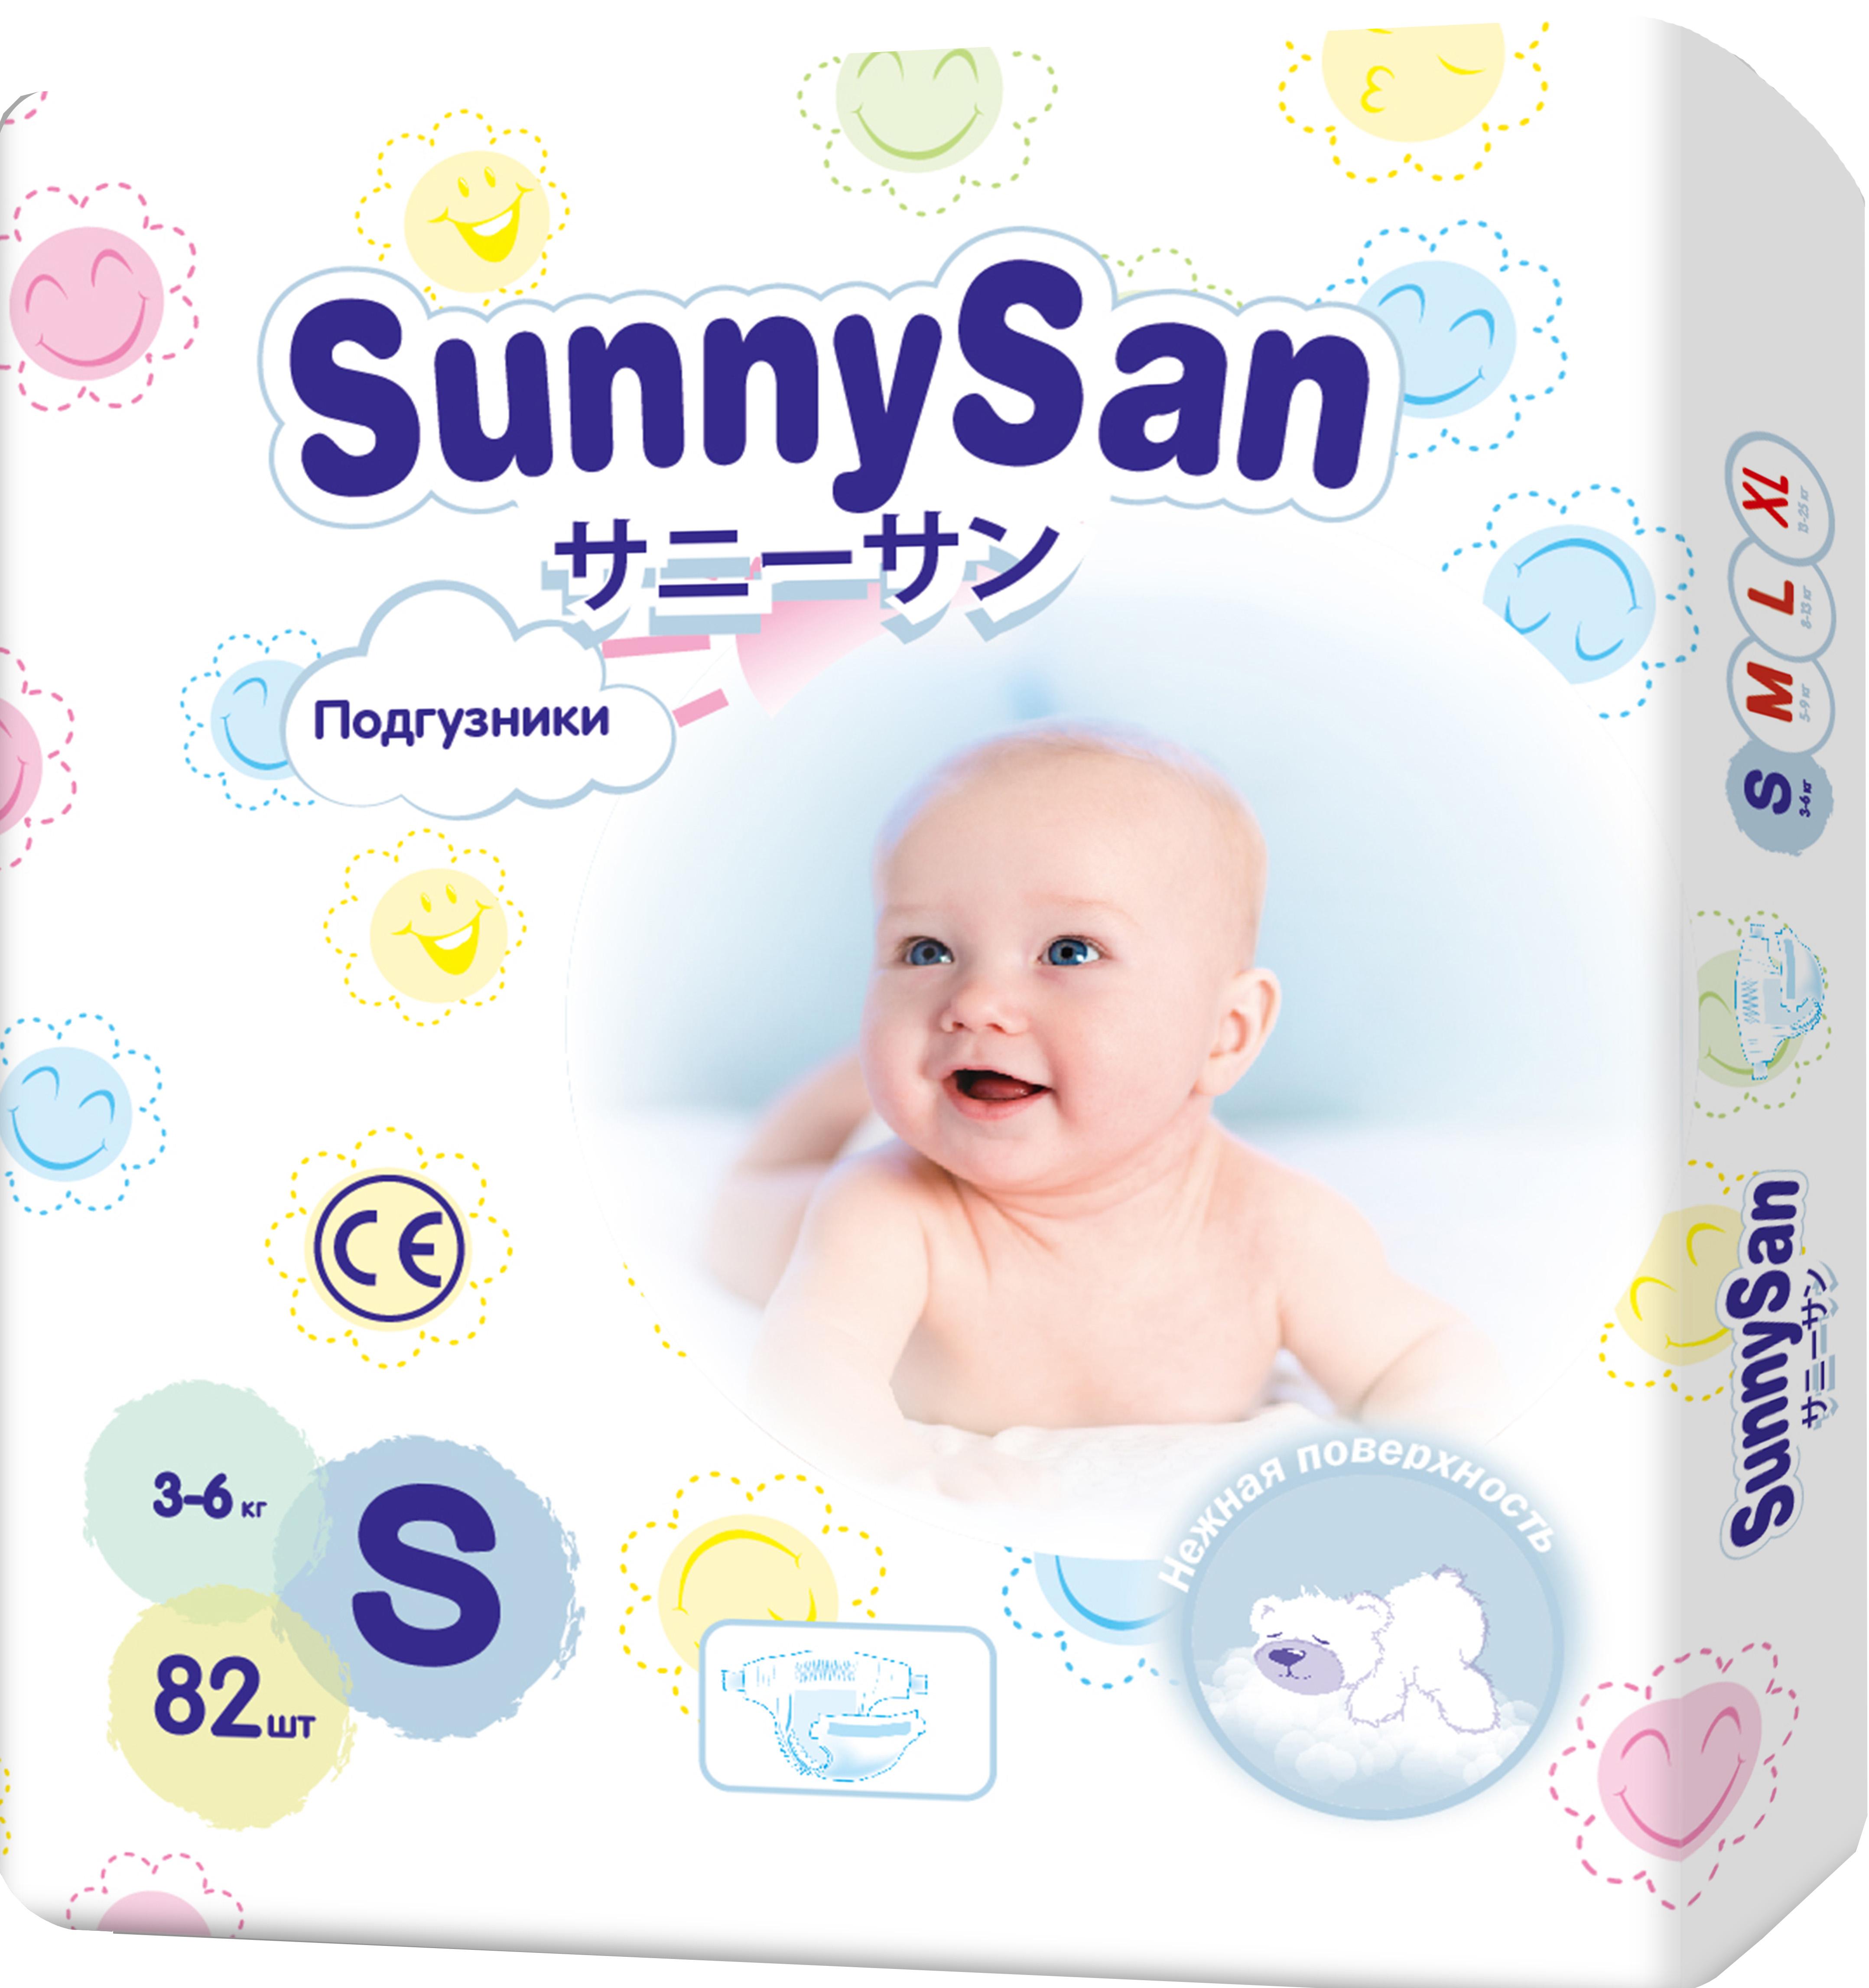 Подгузники SunnySan S (3-6 кг) 82 шт. цена